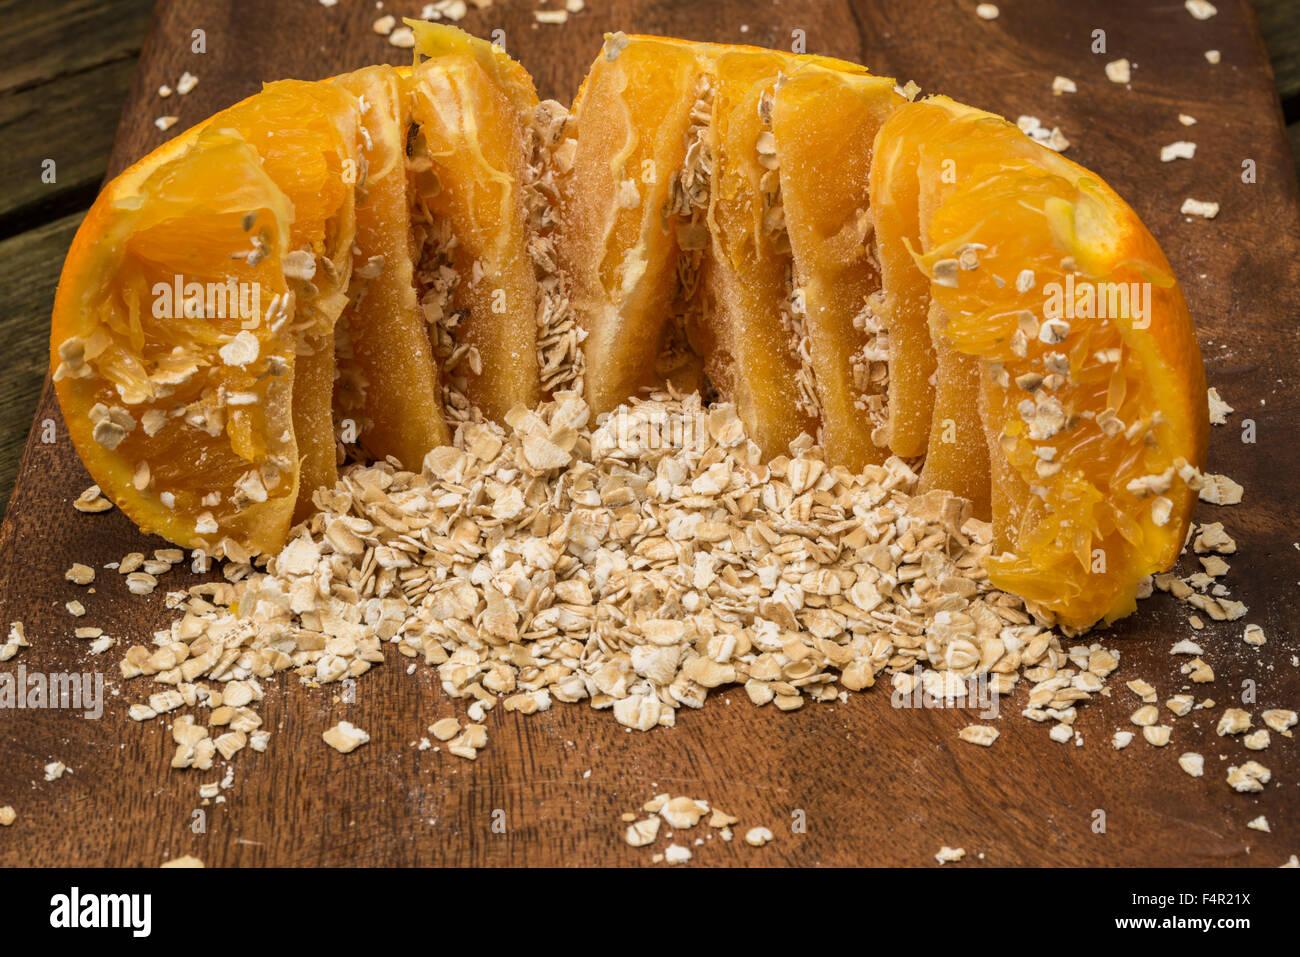 I fiocchi d'avena e arancione per la prima colazione - cibo sinergia. Immagini Stock